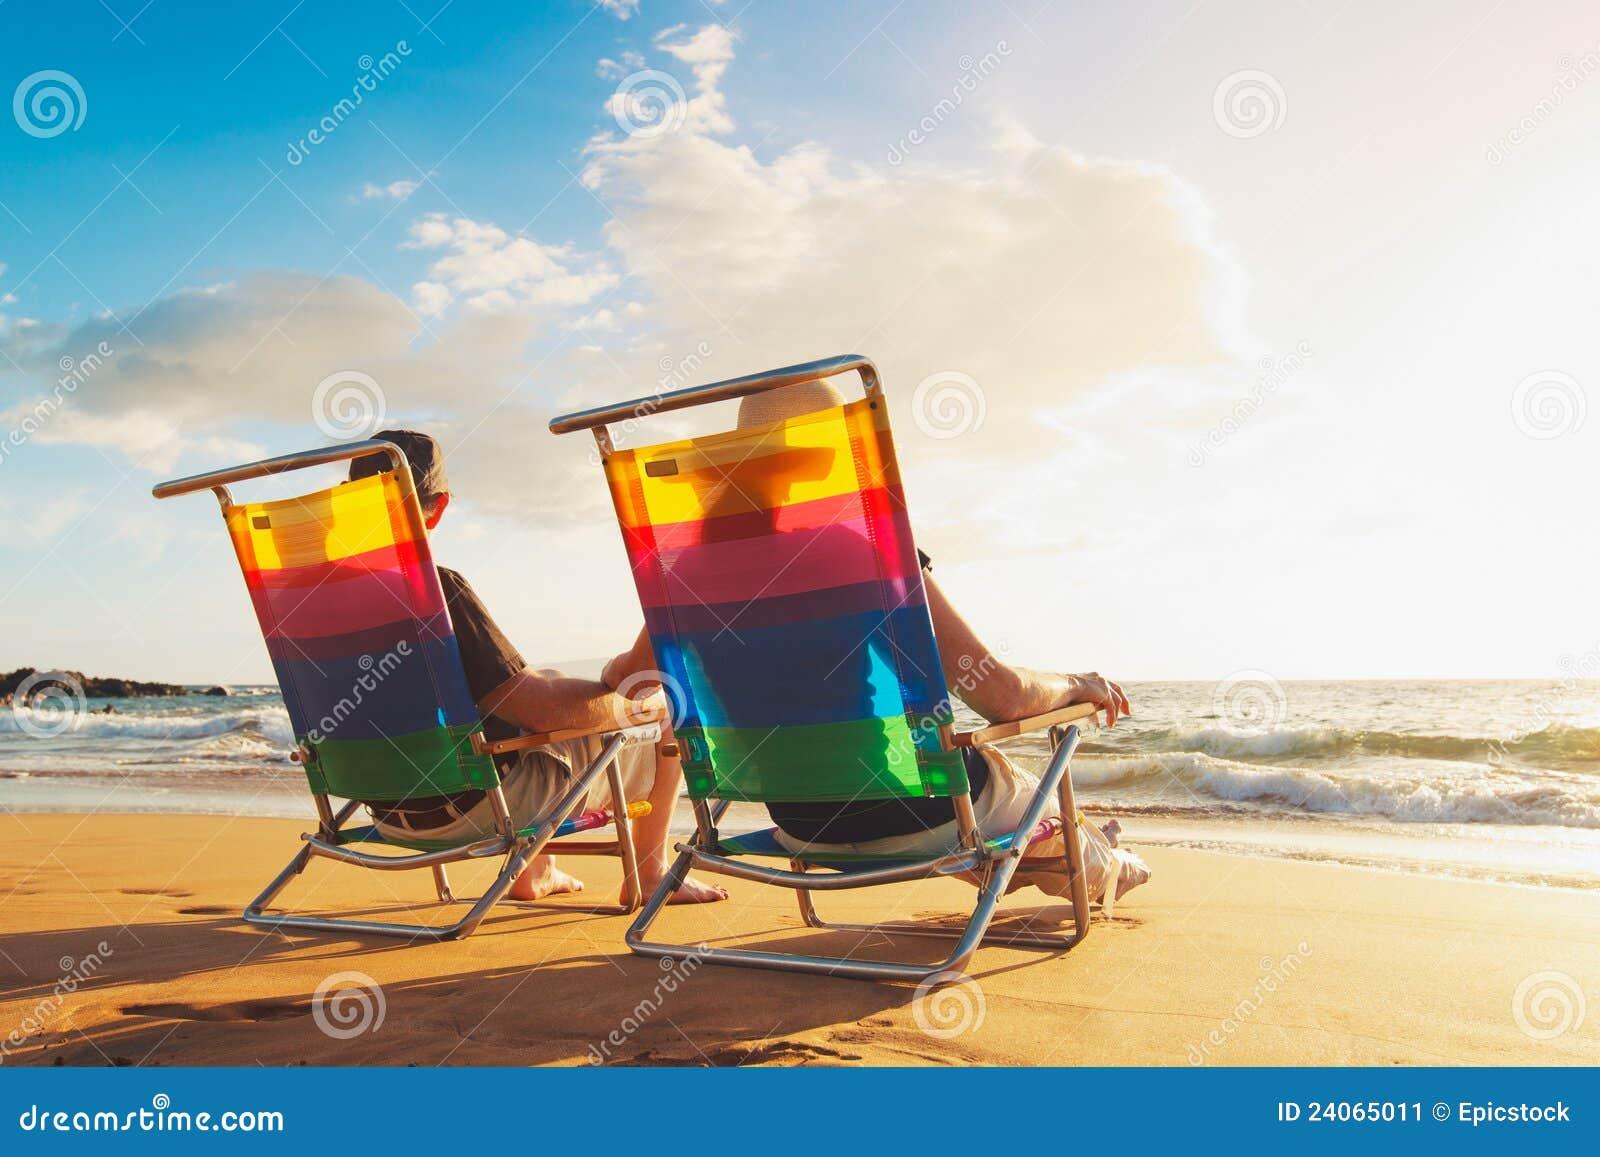 Romantische Paare, die schönen Sonnenuntergang genießen